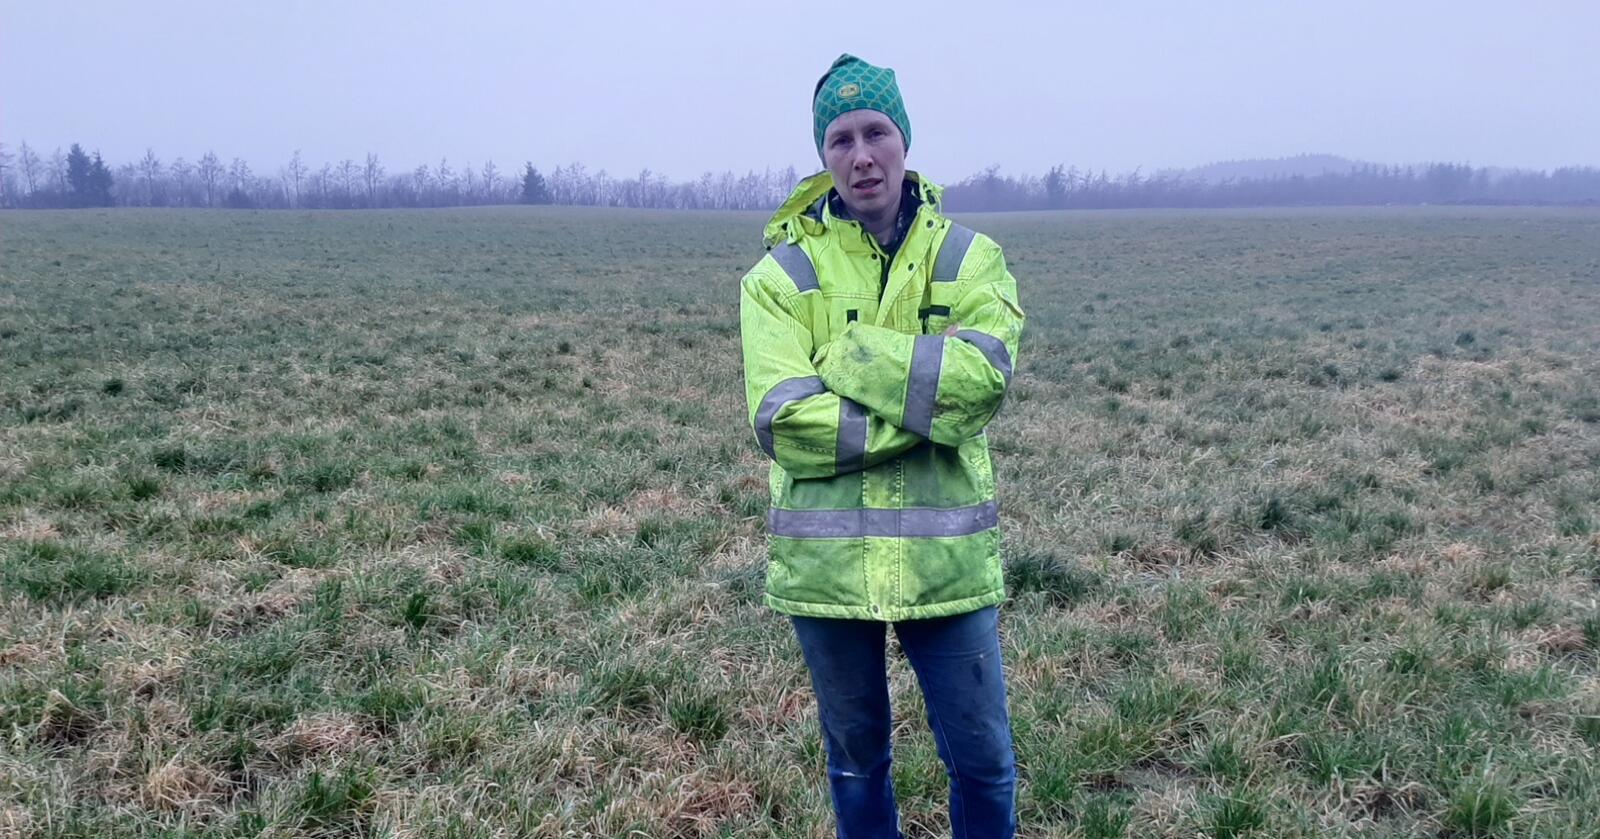 Motstod presset: Time-bonde Anne Frøyland Grødem takket nei til 150 millioner kroner fra oppkjøpere som ville sikre seg 300 mål av den dyrka jorda rundt gårdsbruket hennes for å bygge et stort datasenter. (Foto: Privat)